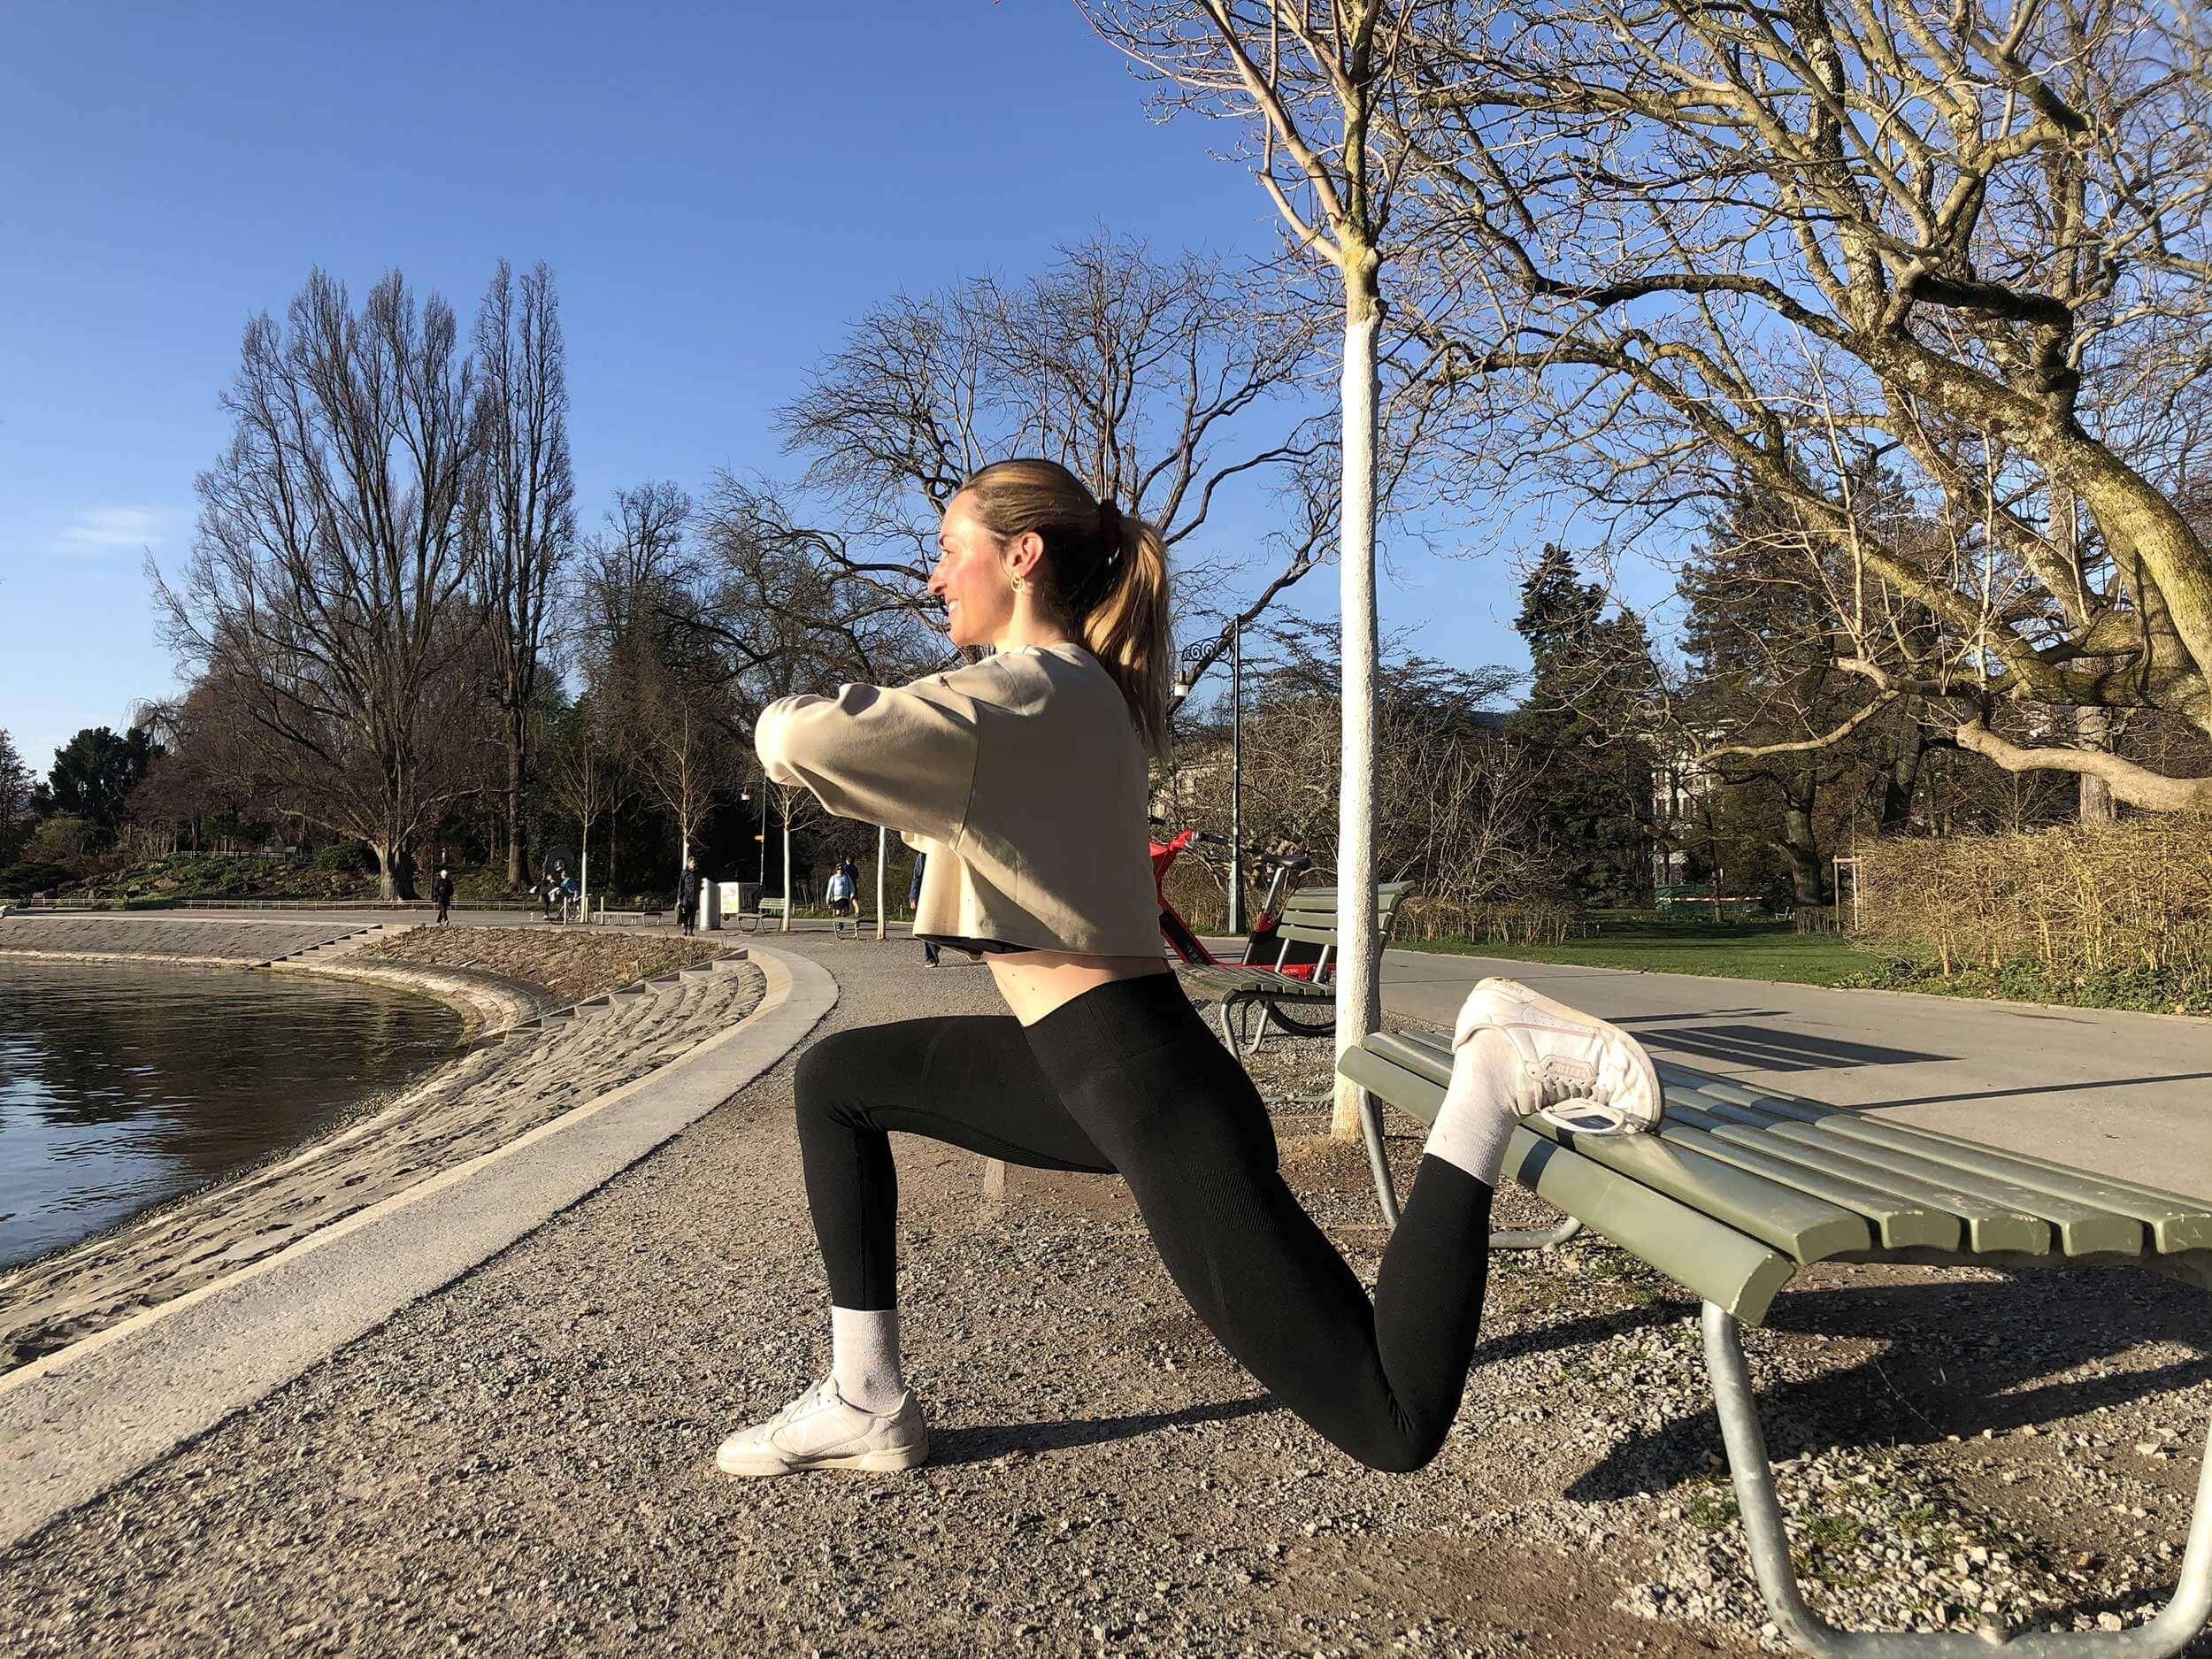 Lorsque le soleil printanier vous sourit, l'entraînement en plein air est deux fois plus amusant.